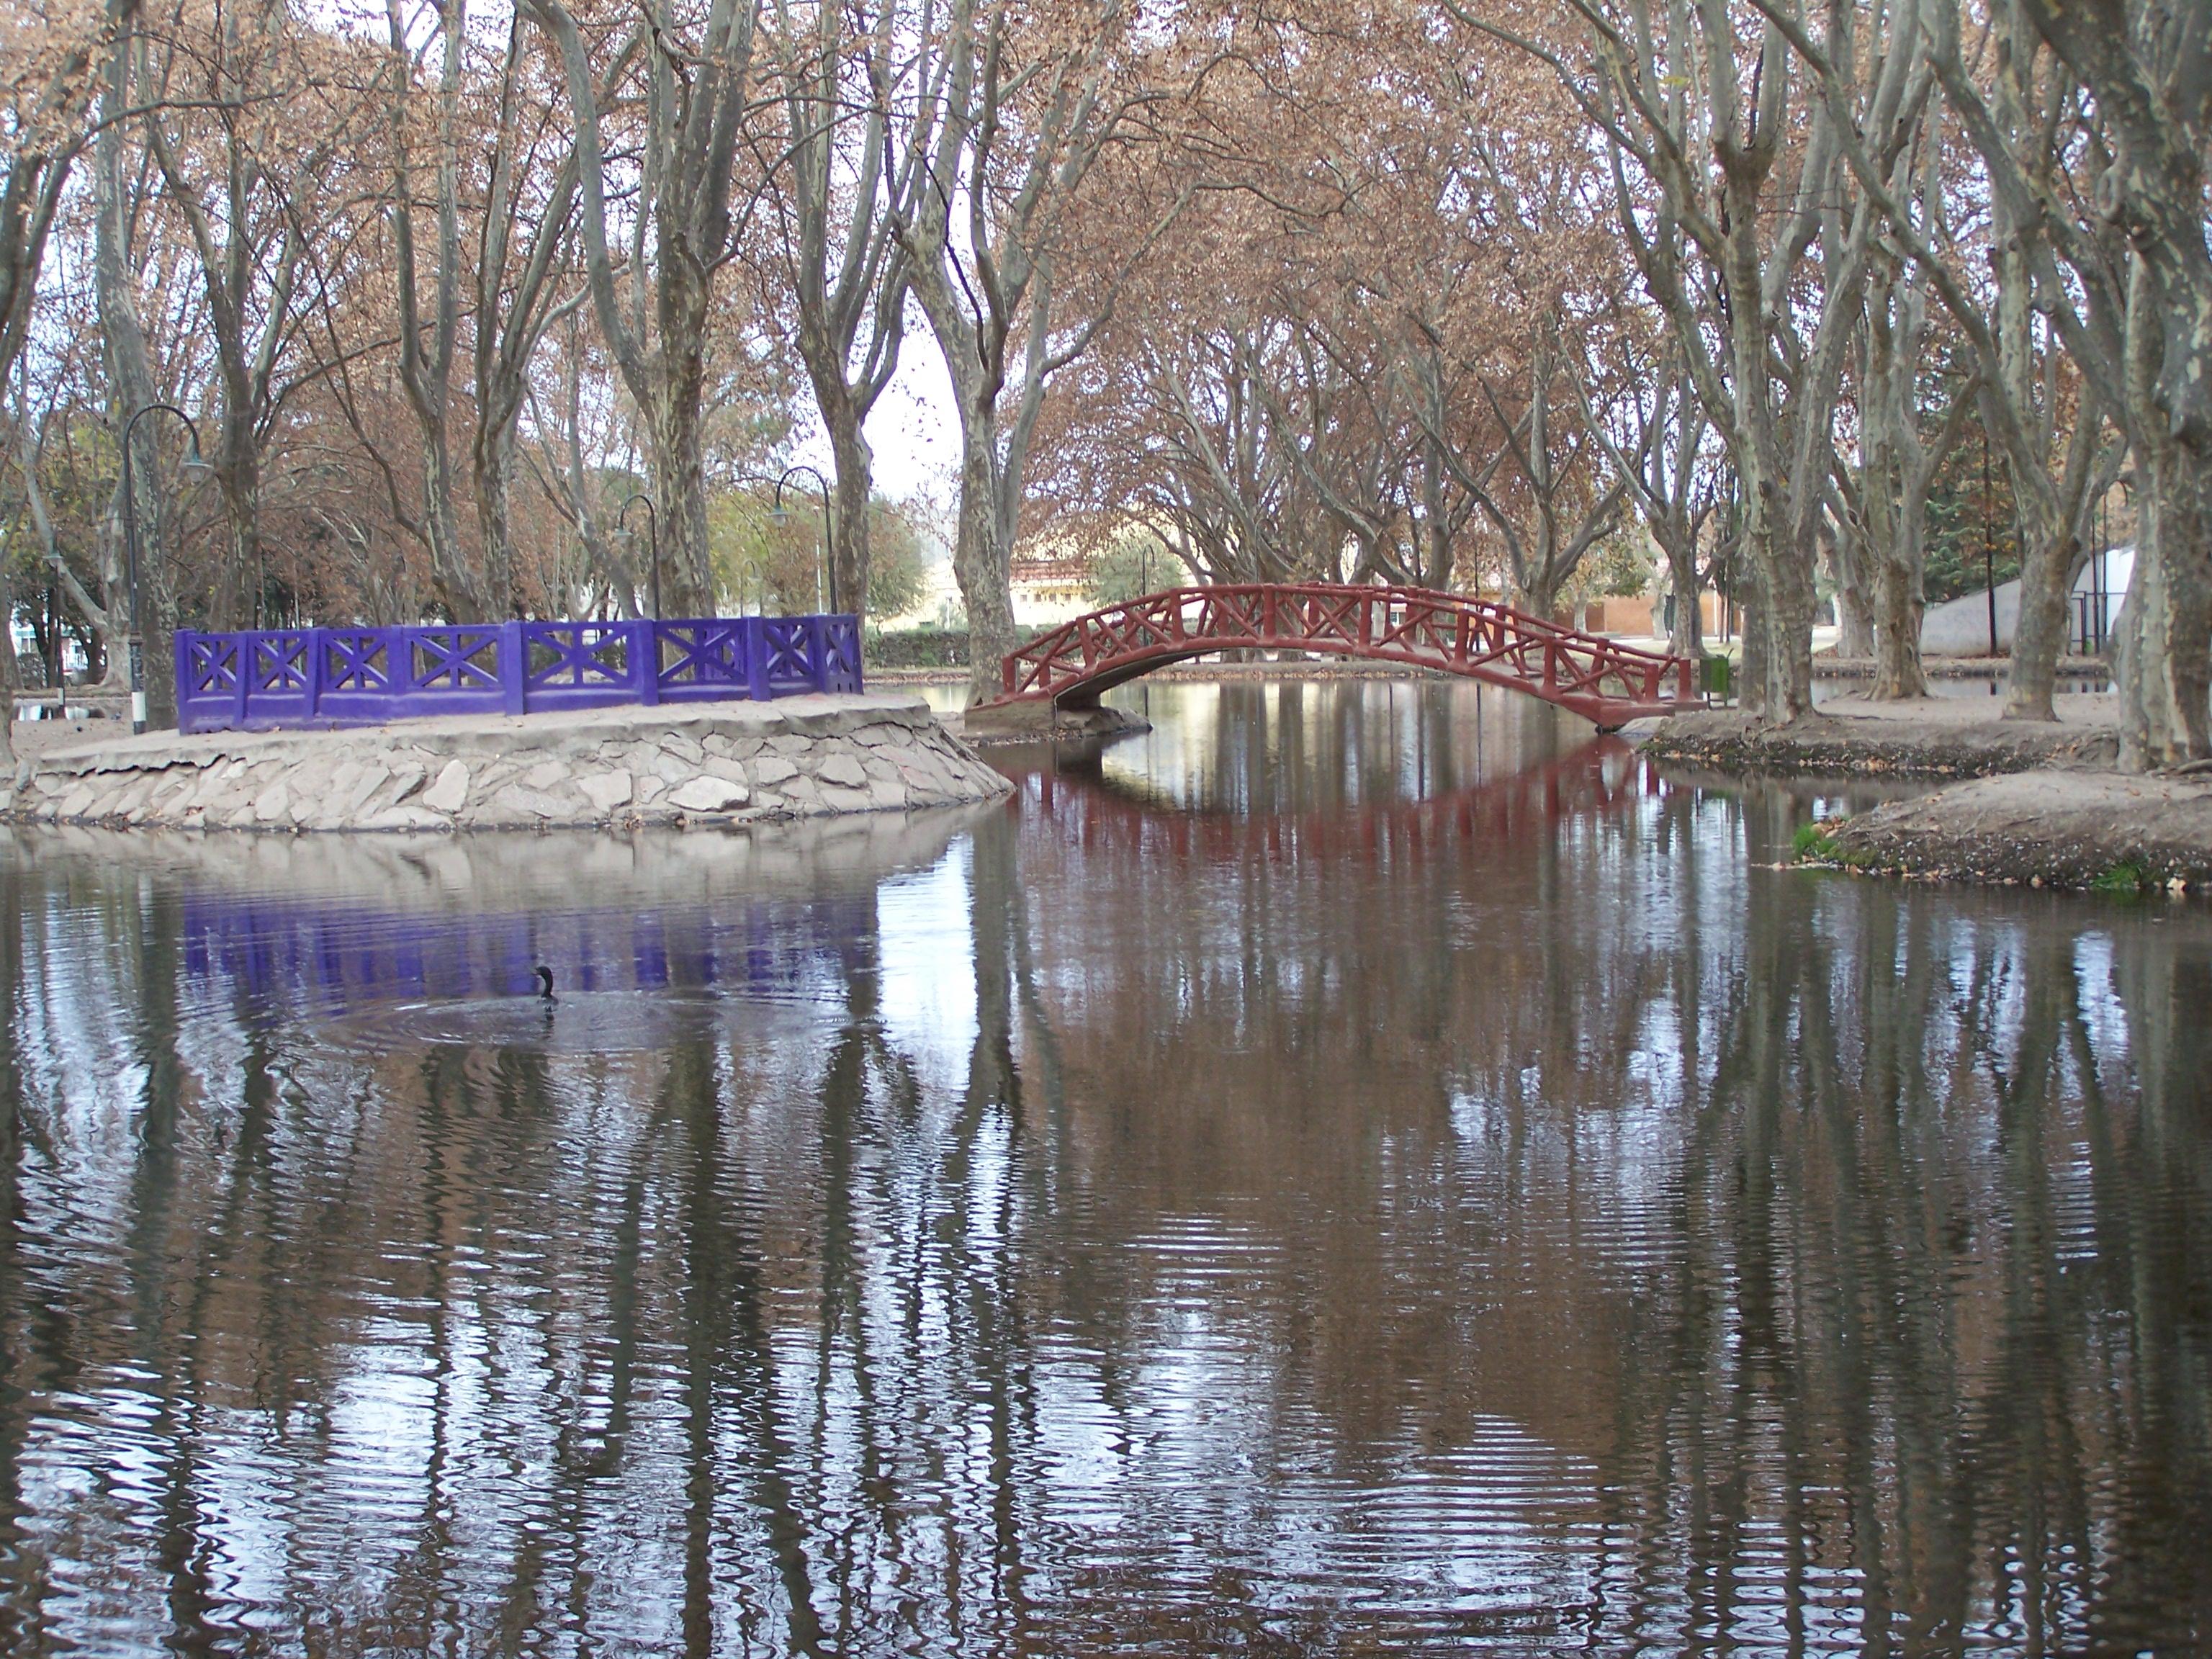 File:Lago del Parque Sarmiento de Río Cuarto.JPG - Wikimedia Commons